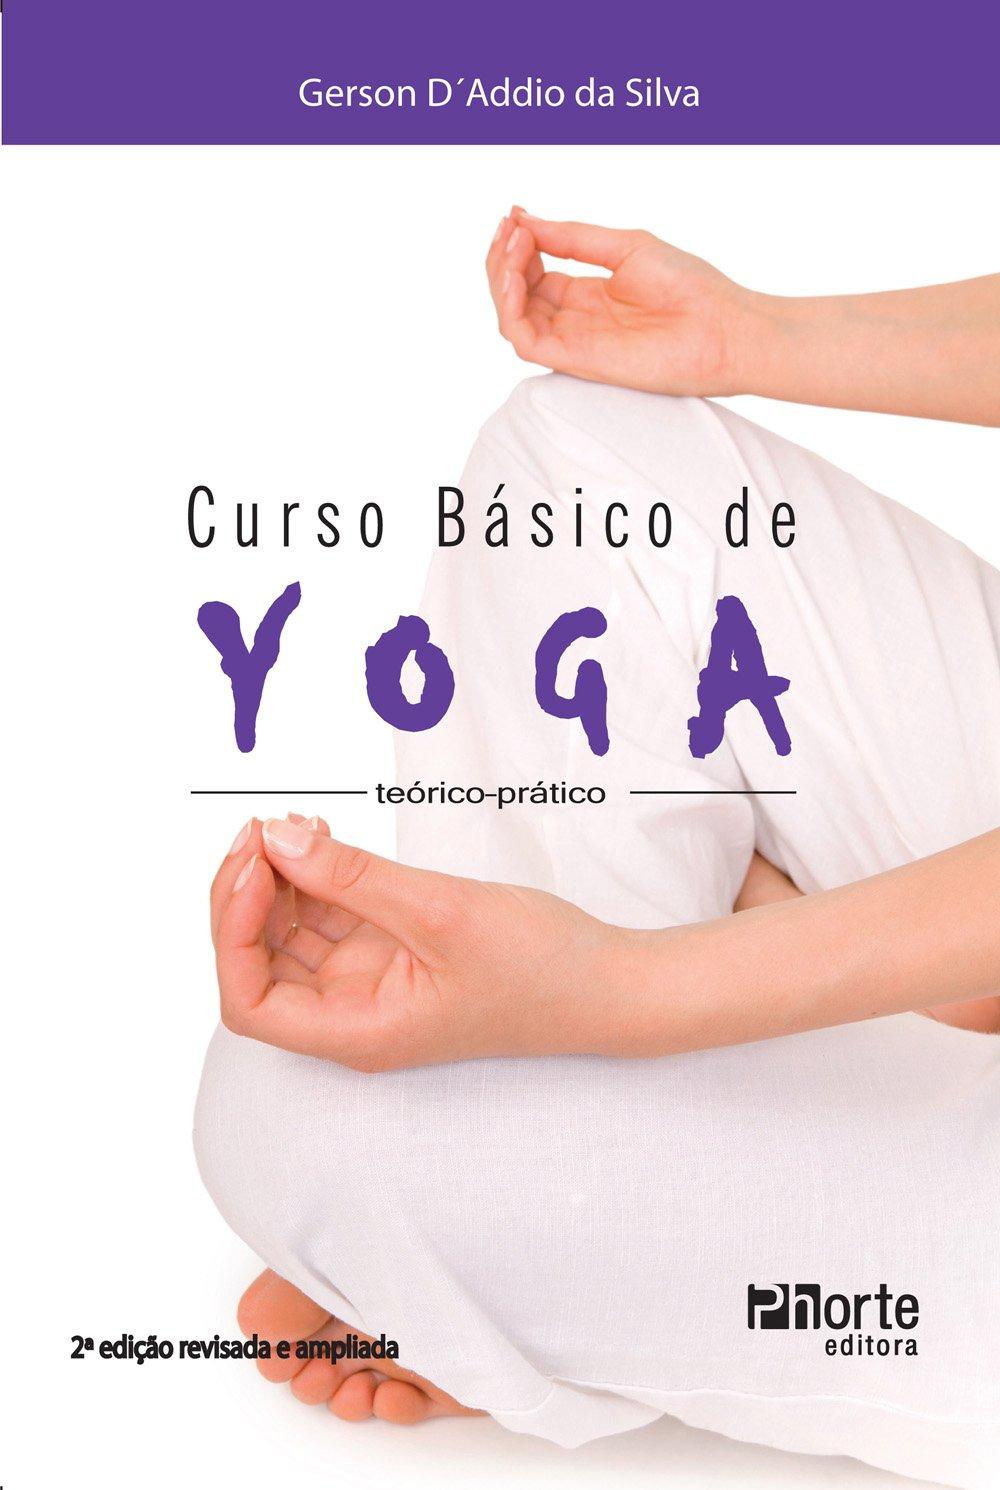 Curso Básico de Yoga. Teórico-prático: Gerson Daddio da ...